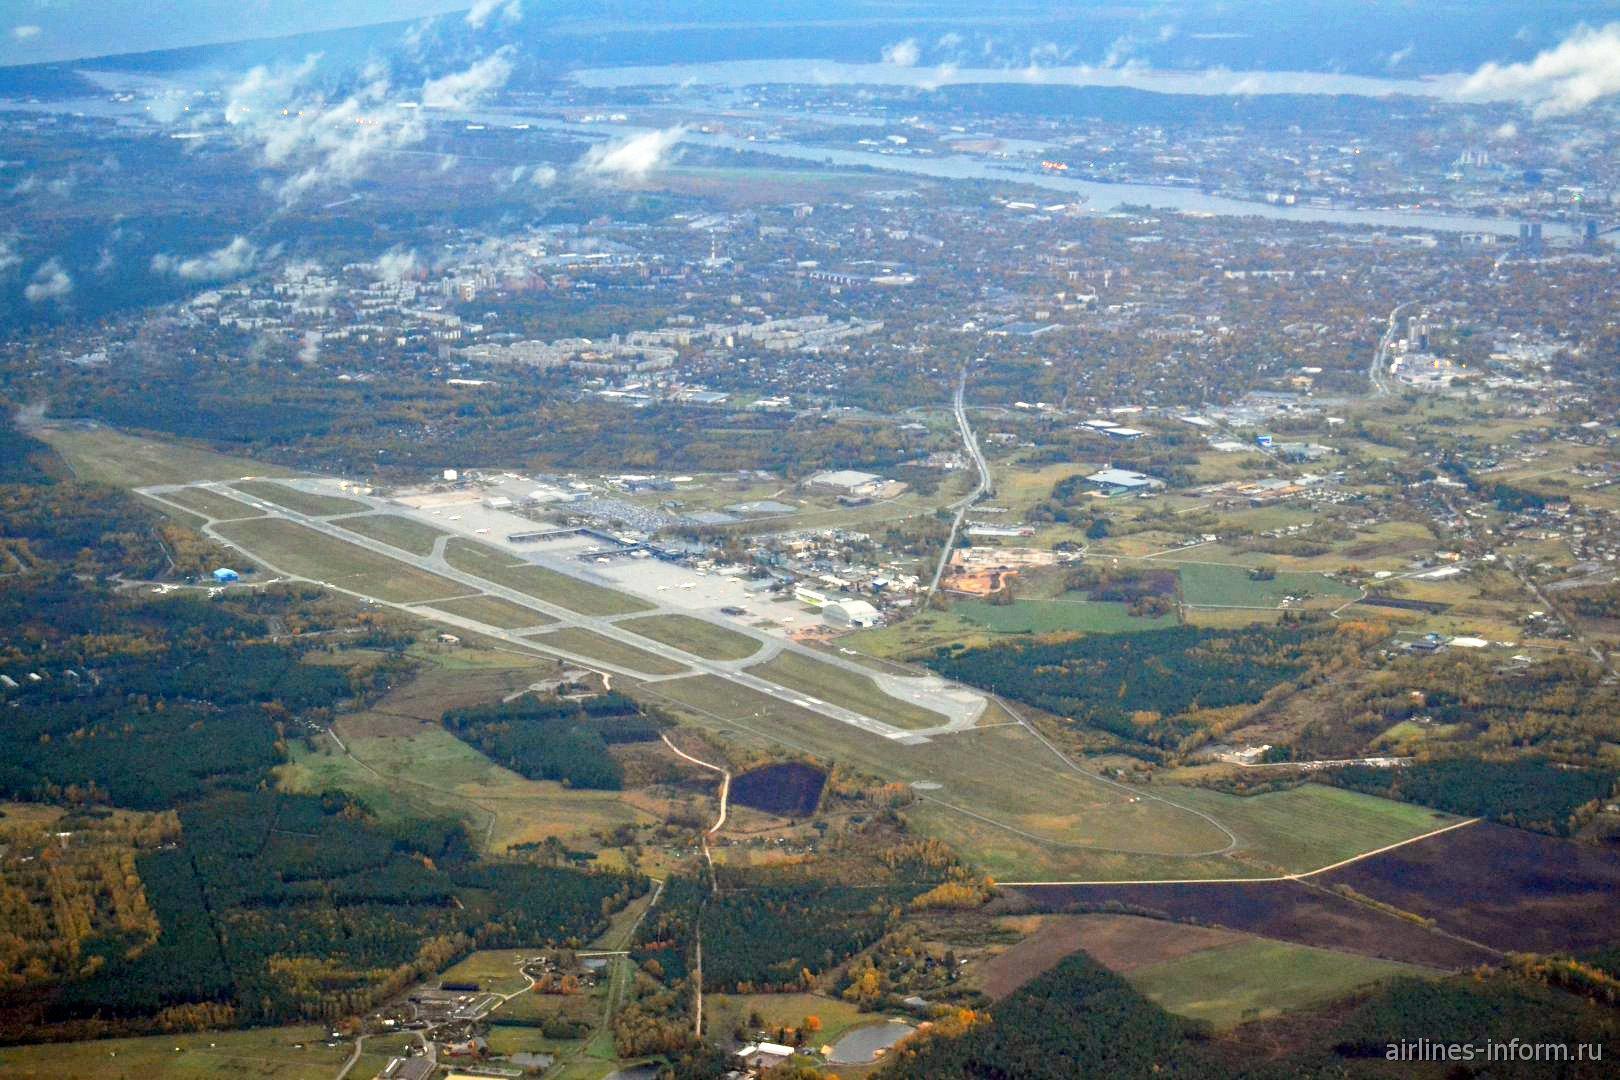 Вид на Ригу и аэропорт сразу после взлета